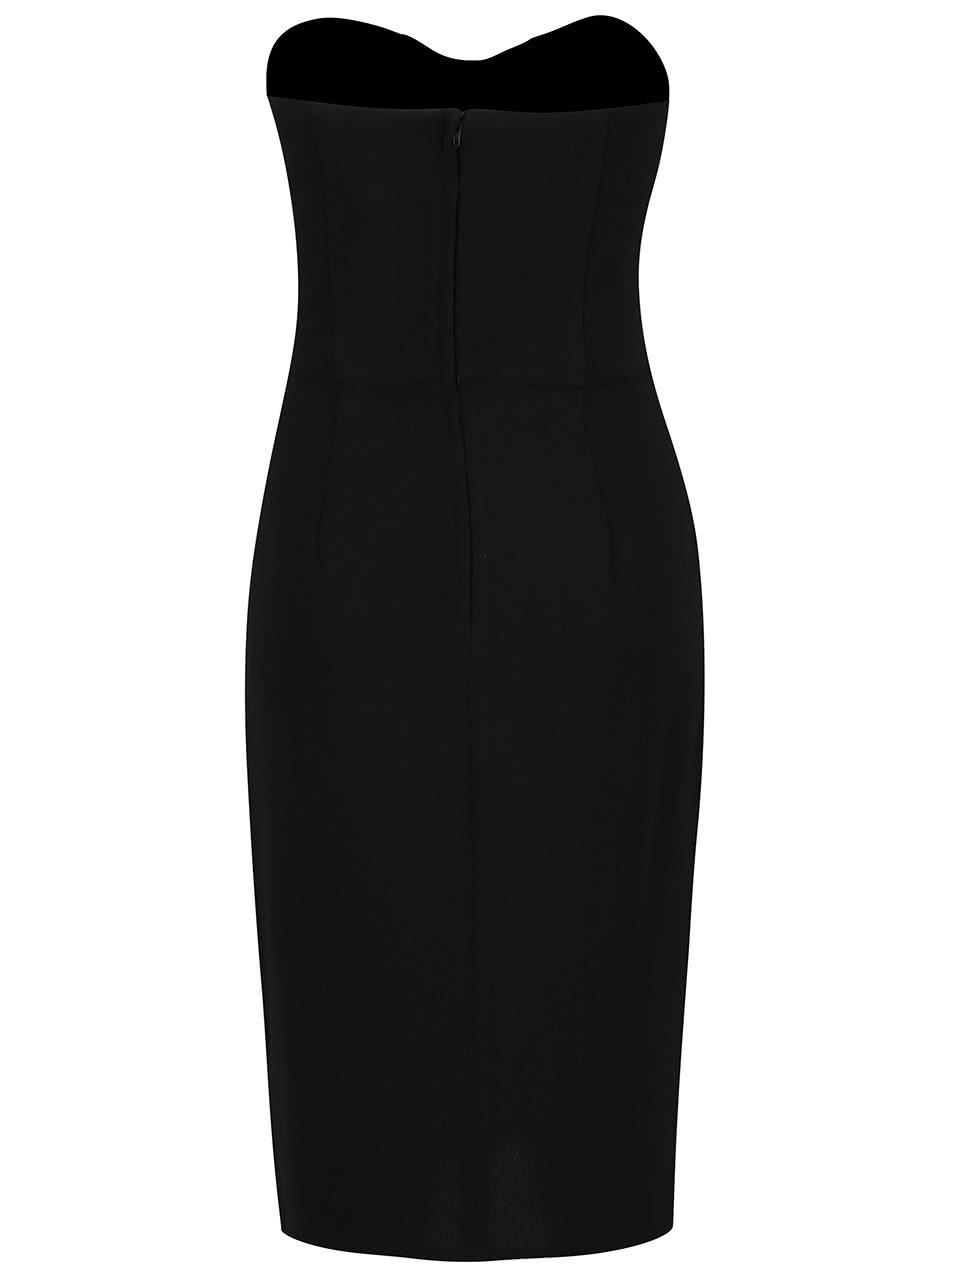 b93fddd84d1 Černé pouzdrové šaty bez rukávů Miss Selfridge ...